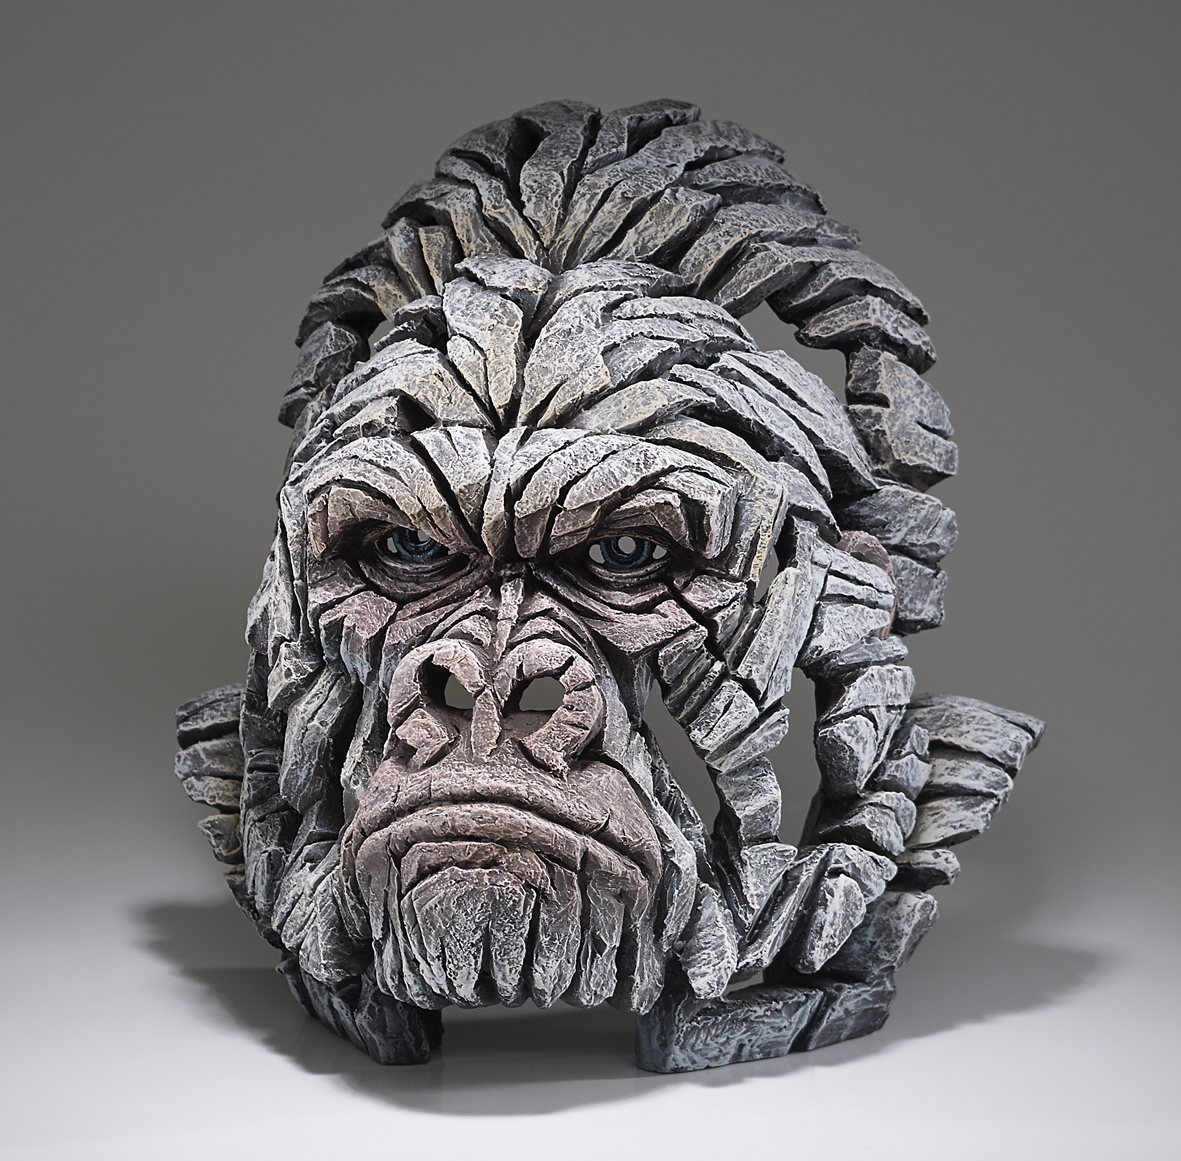 Gorilla-Büste (weiß)